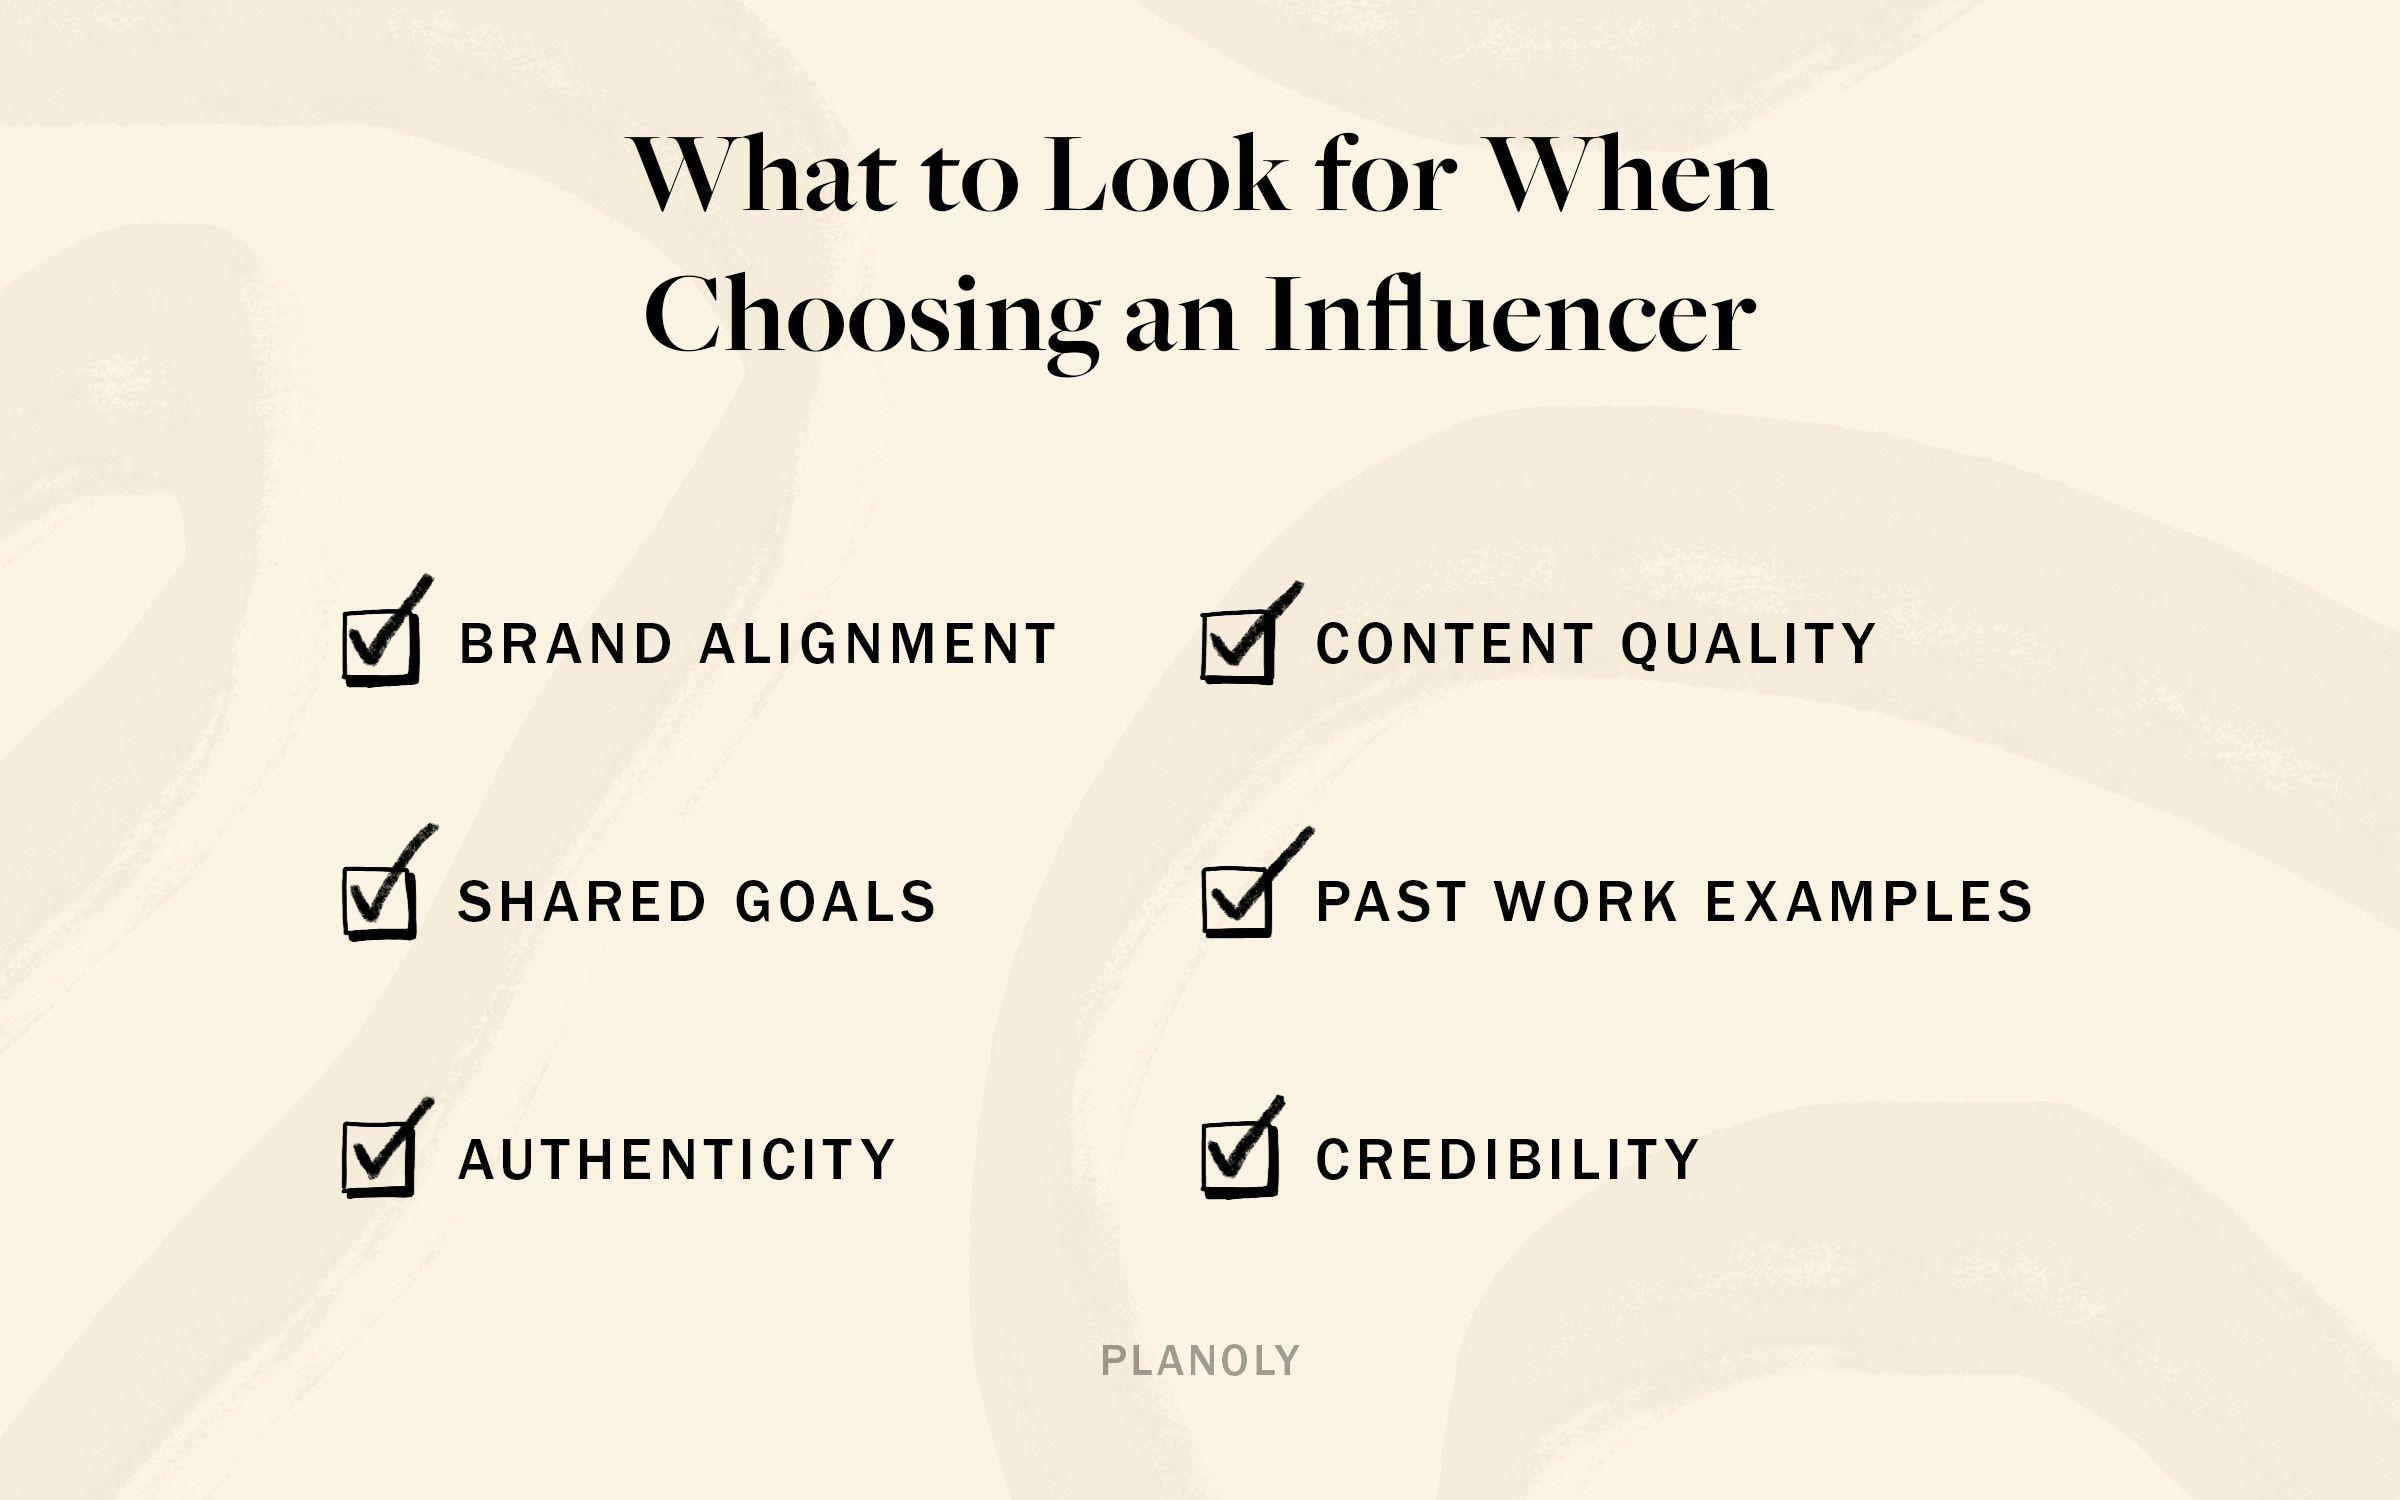 PLANOLY - Blog - Influencer Evaluation Guide - Horizontal